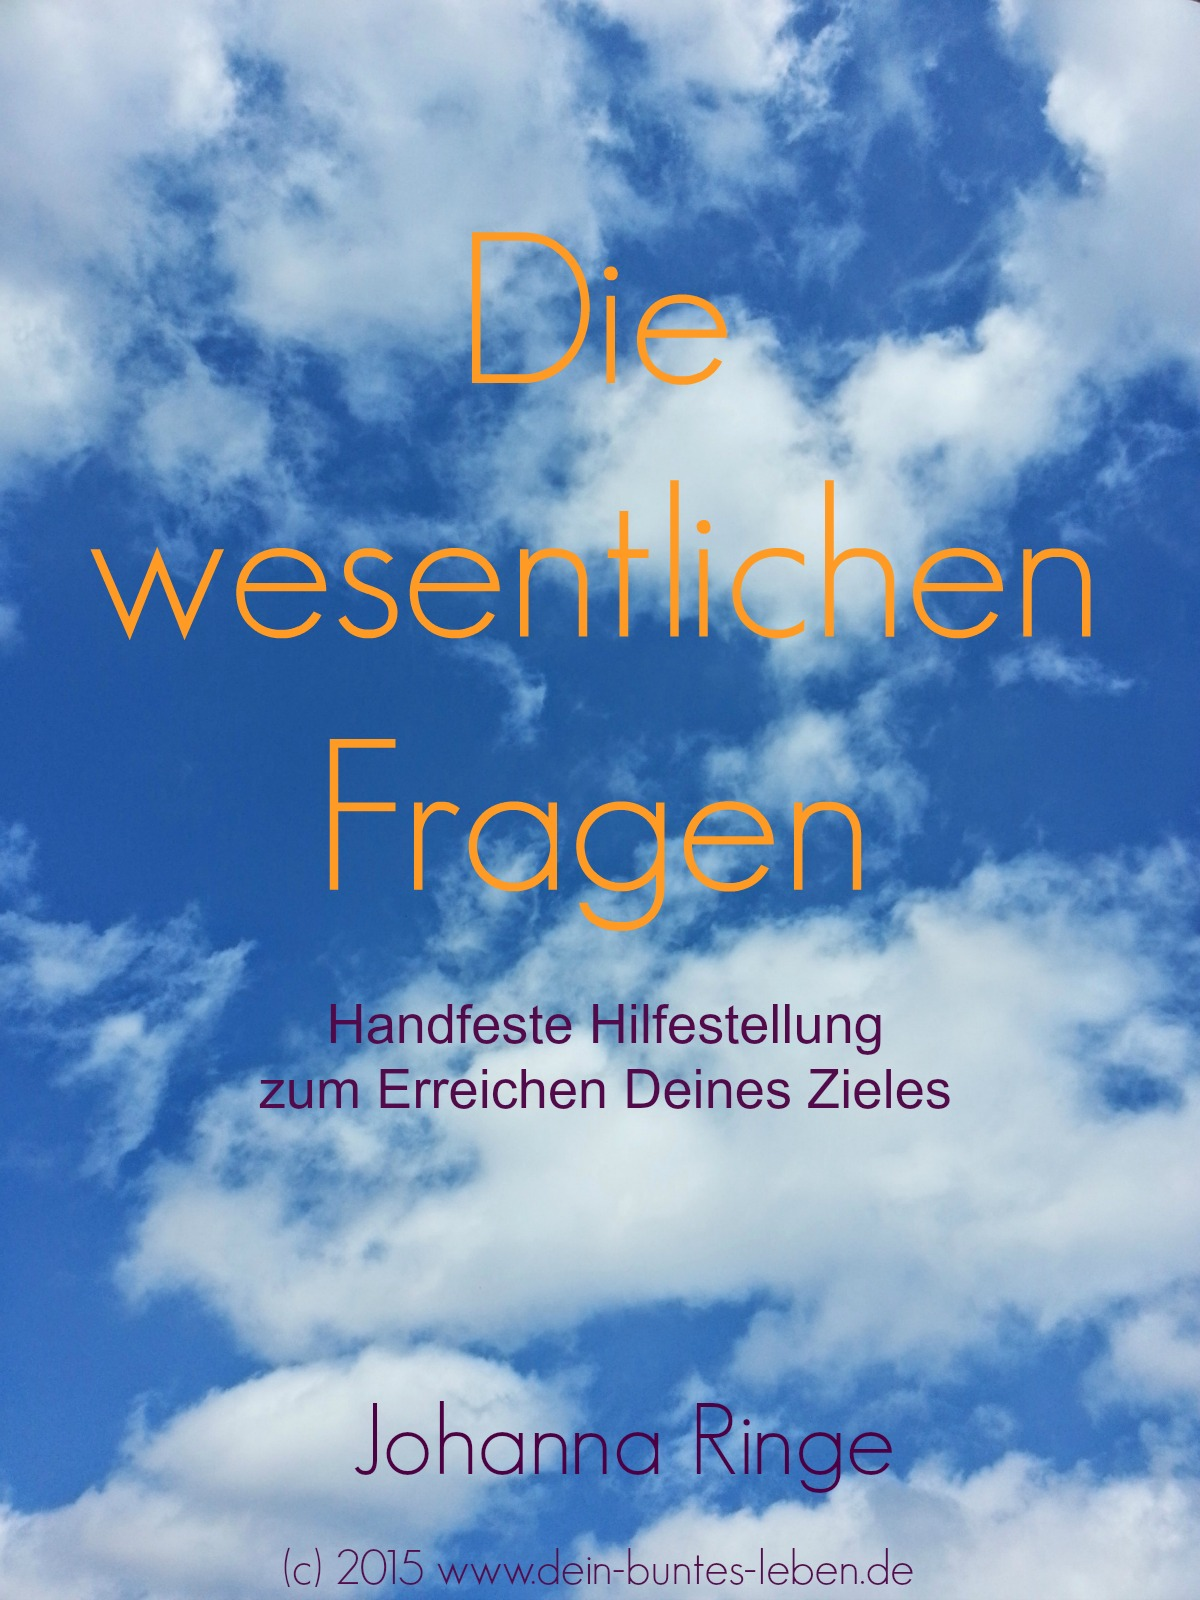 """Gratis E-Book """"Die wesentlichen Fragen - Handfeste Hilfestellung zum Erreichen Deines Zieles"""" von Johanna Ringe (c)2015"""